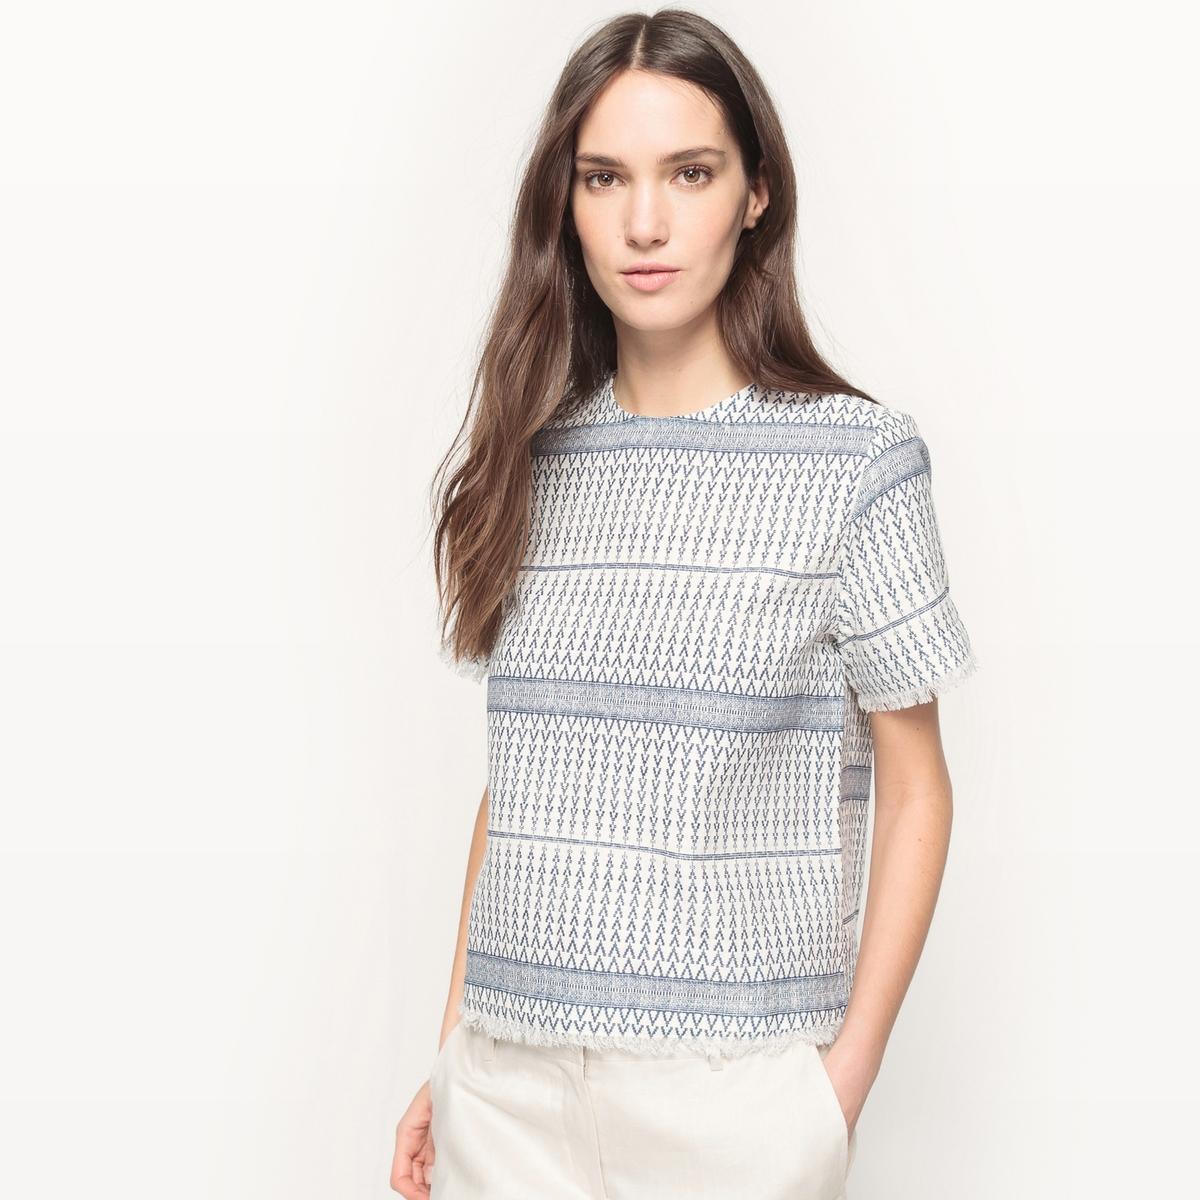 Блузка с зигзагообразным рисунком, прямой покрой пальто длинное с зигзагообразным рисунком